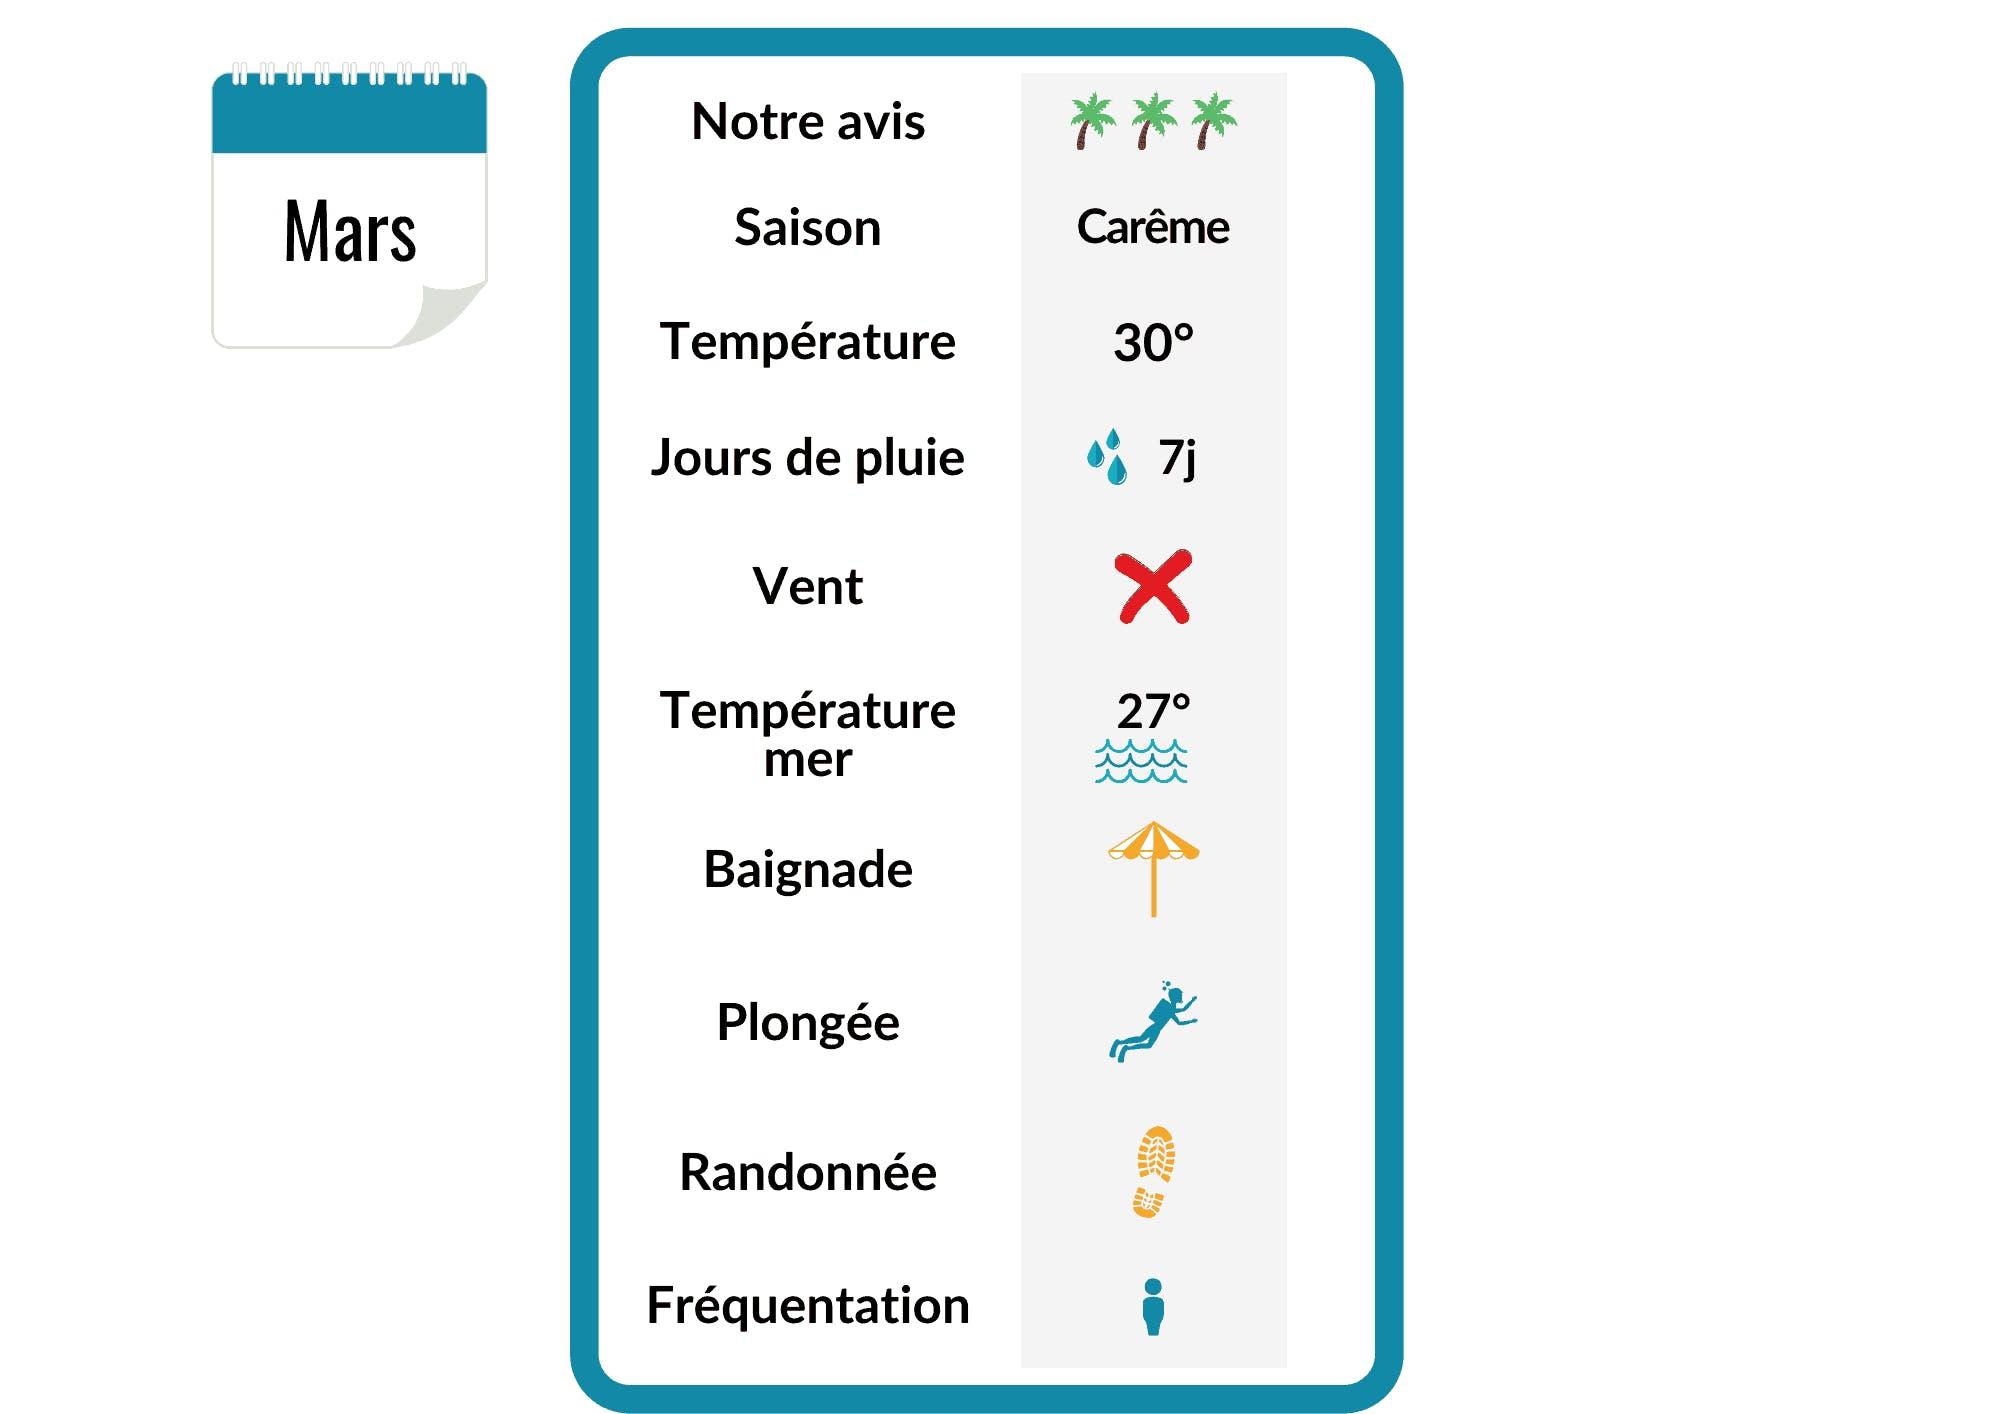 Synthèse de la météo en Martinique au mois de mars